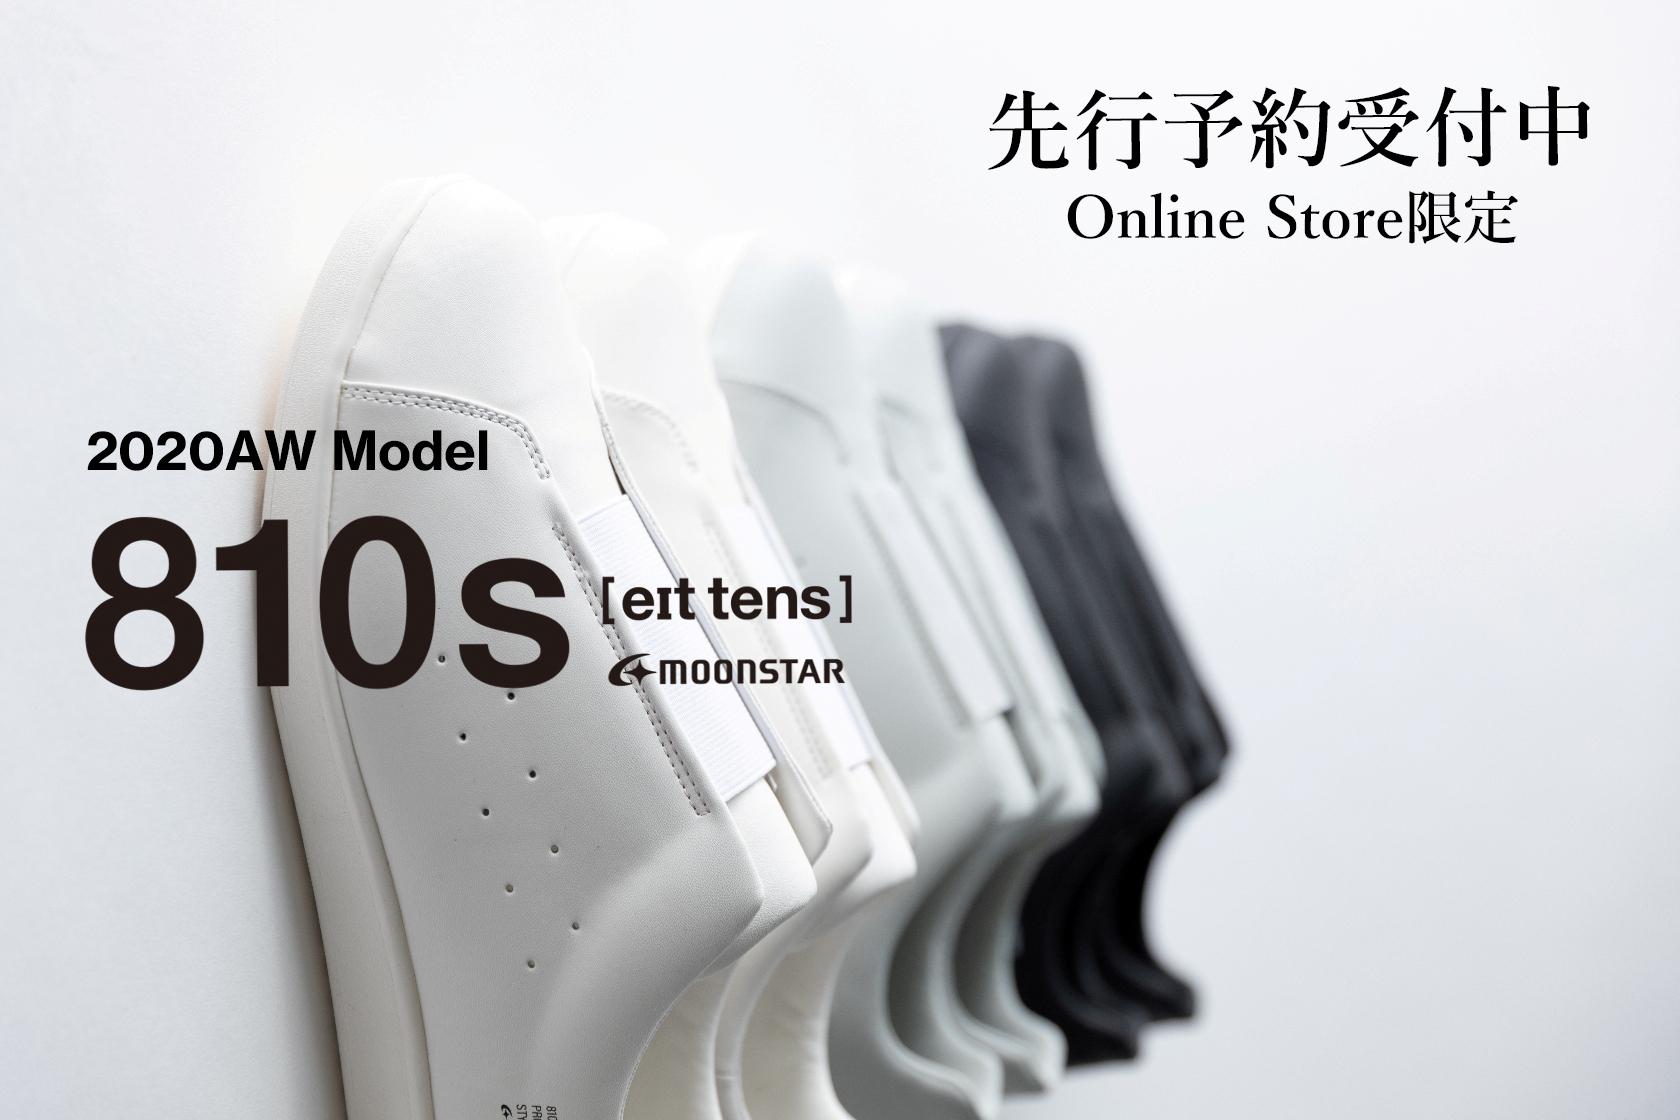 Online Store限定<810s/エイトテンス>先行予約受付中